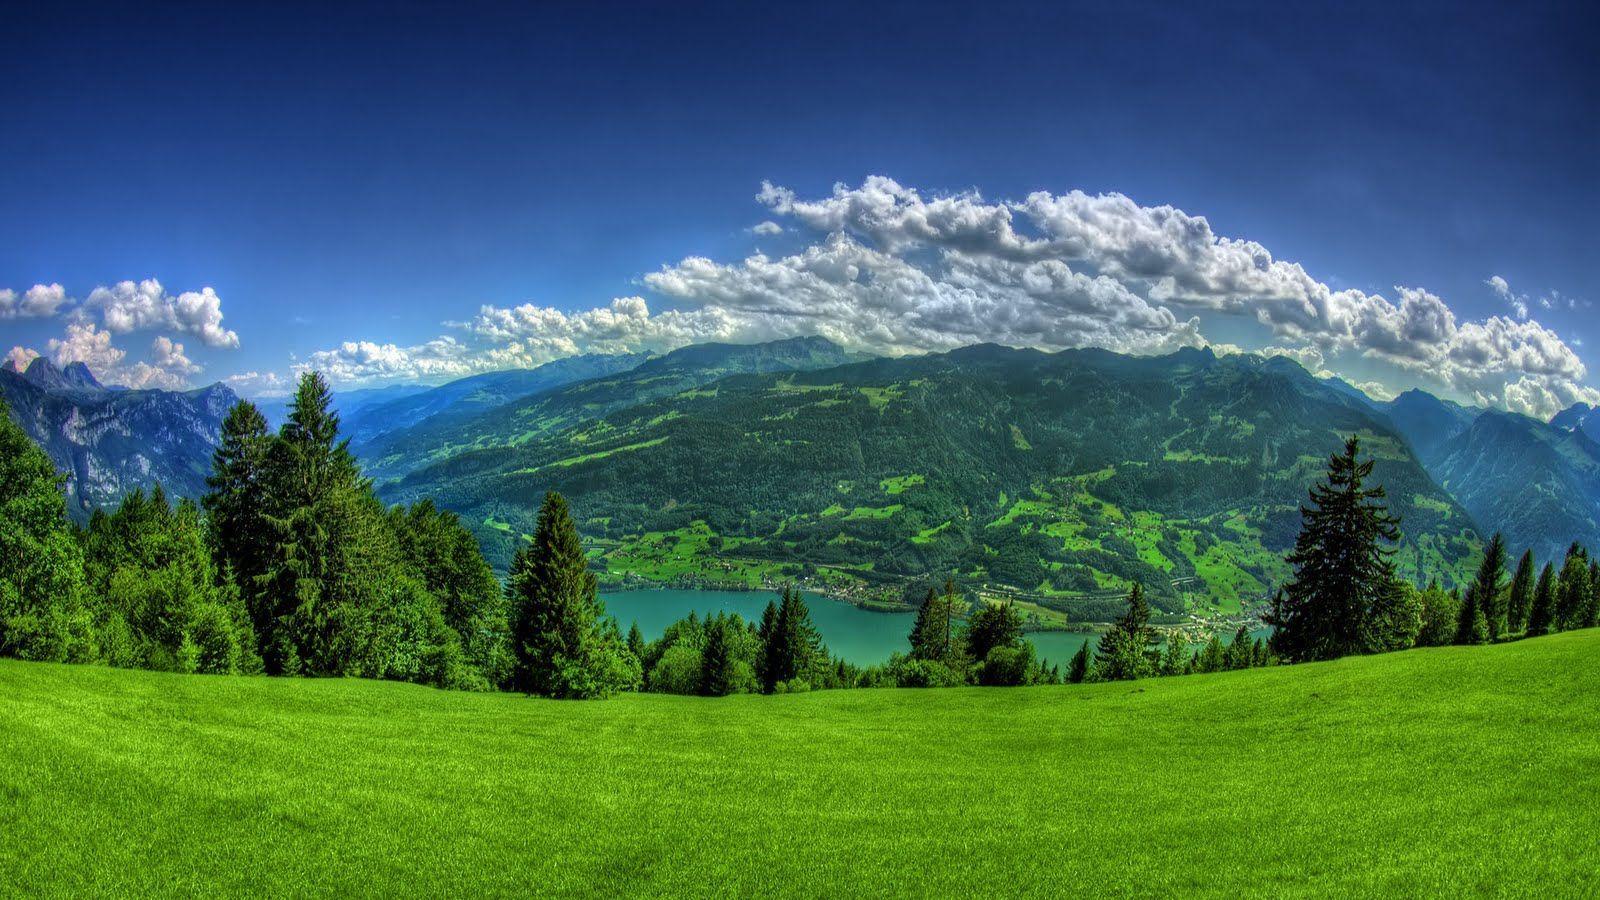 7885 - ¿Puedes identificar donde se encuentran estos paisajes naturales de nuestro planeta? [2da parte]